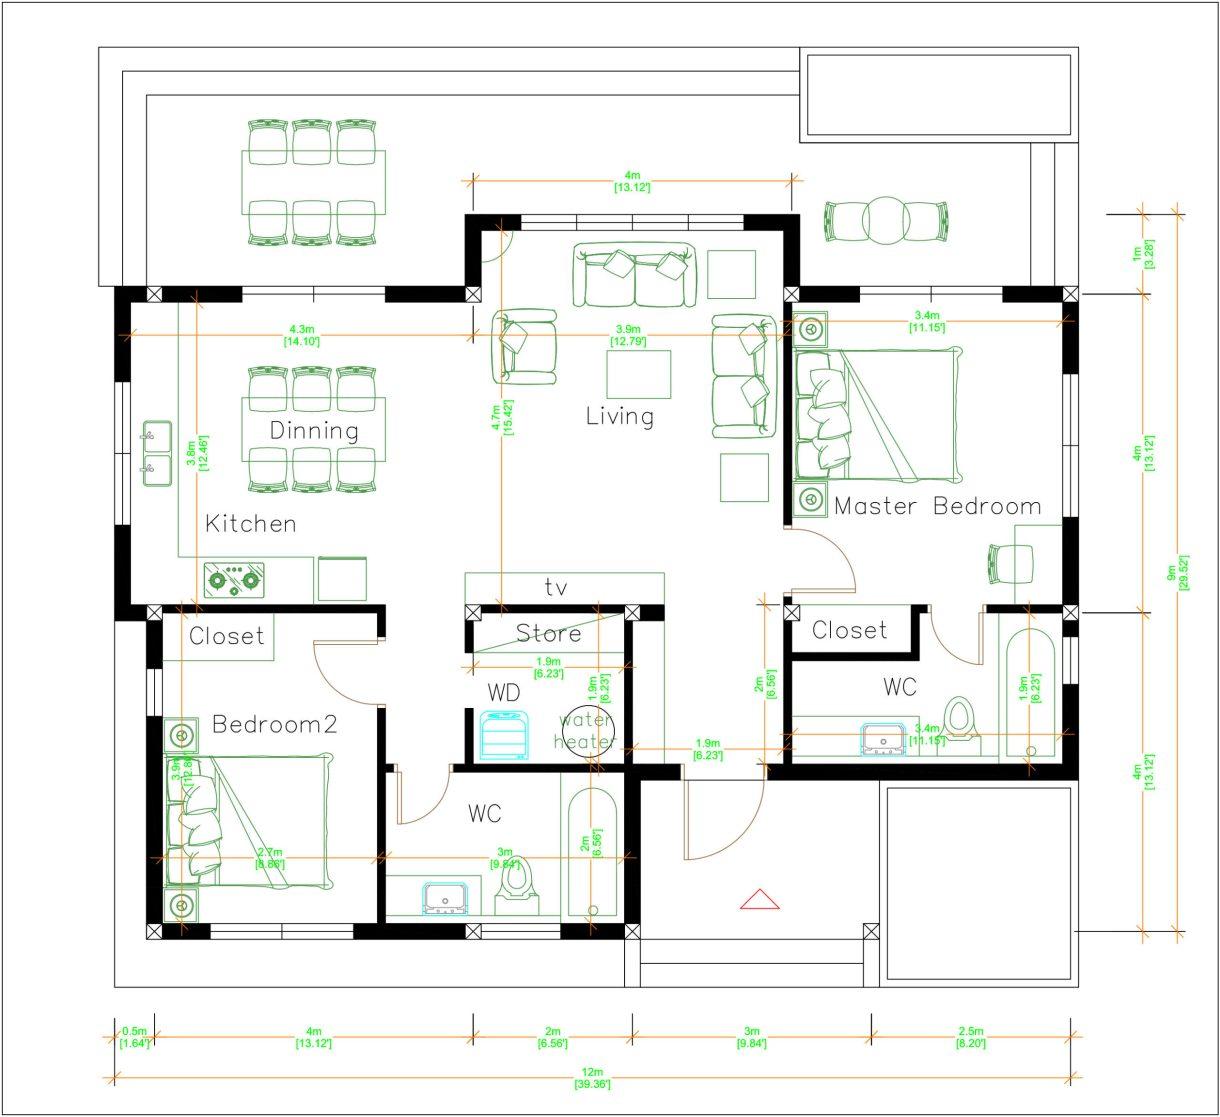 One Storey Building 12x9 Meter 40x30 Feet 2 Beds floor plan